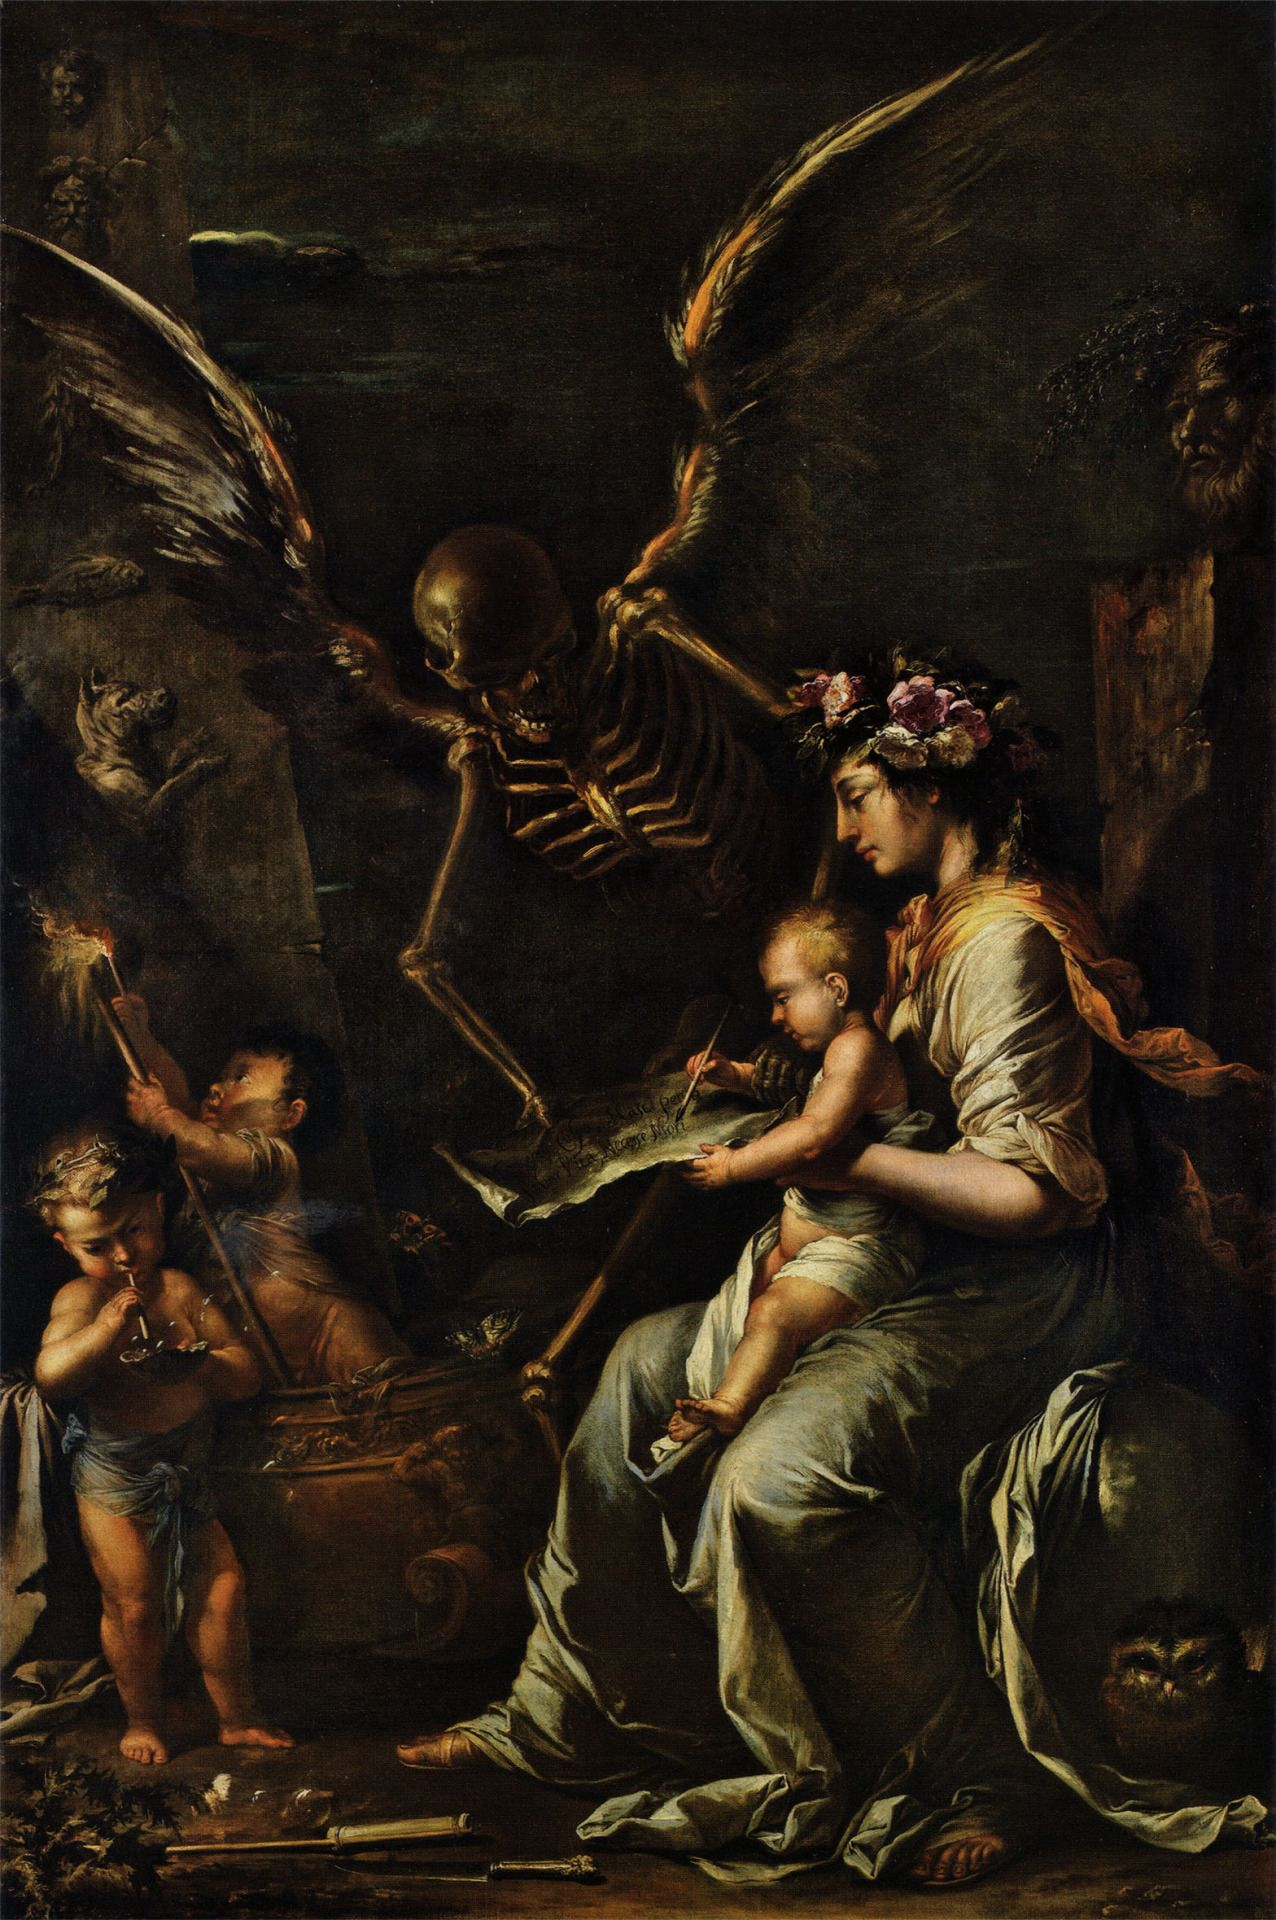 Salvator Rosa, L'Umana Fragilità (1656; olio su tela, 199 x 134 cm; Cambridge, Fitzwilliam Museum)